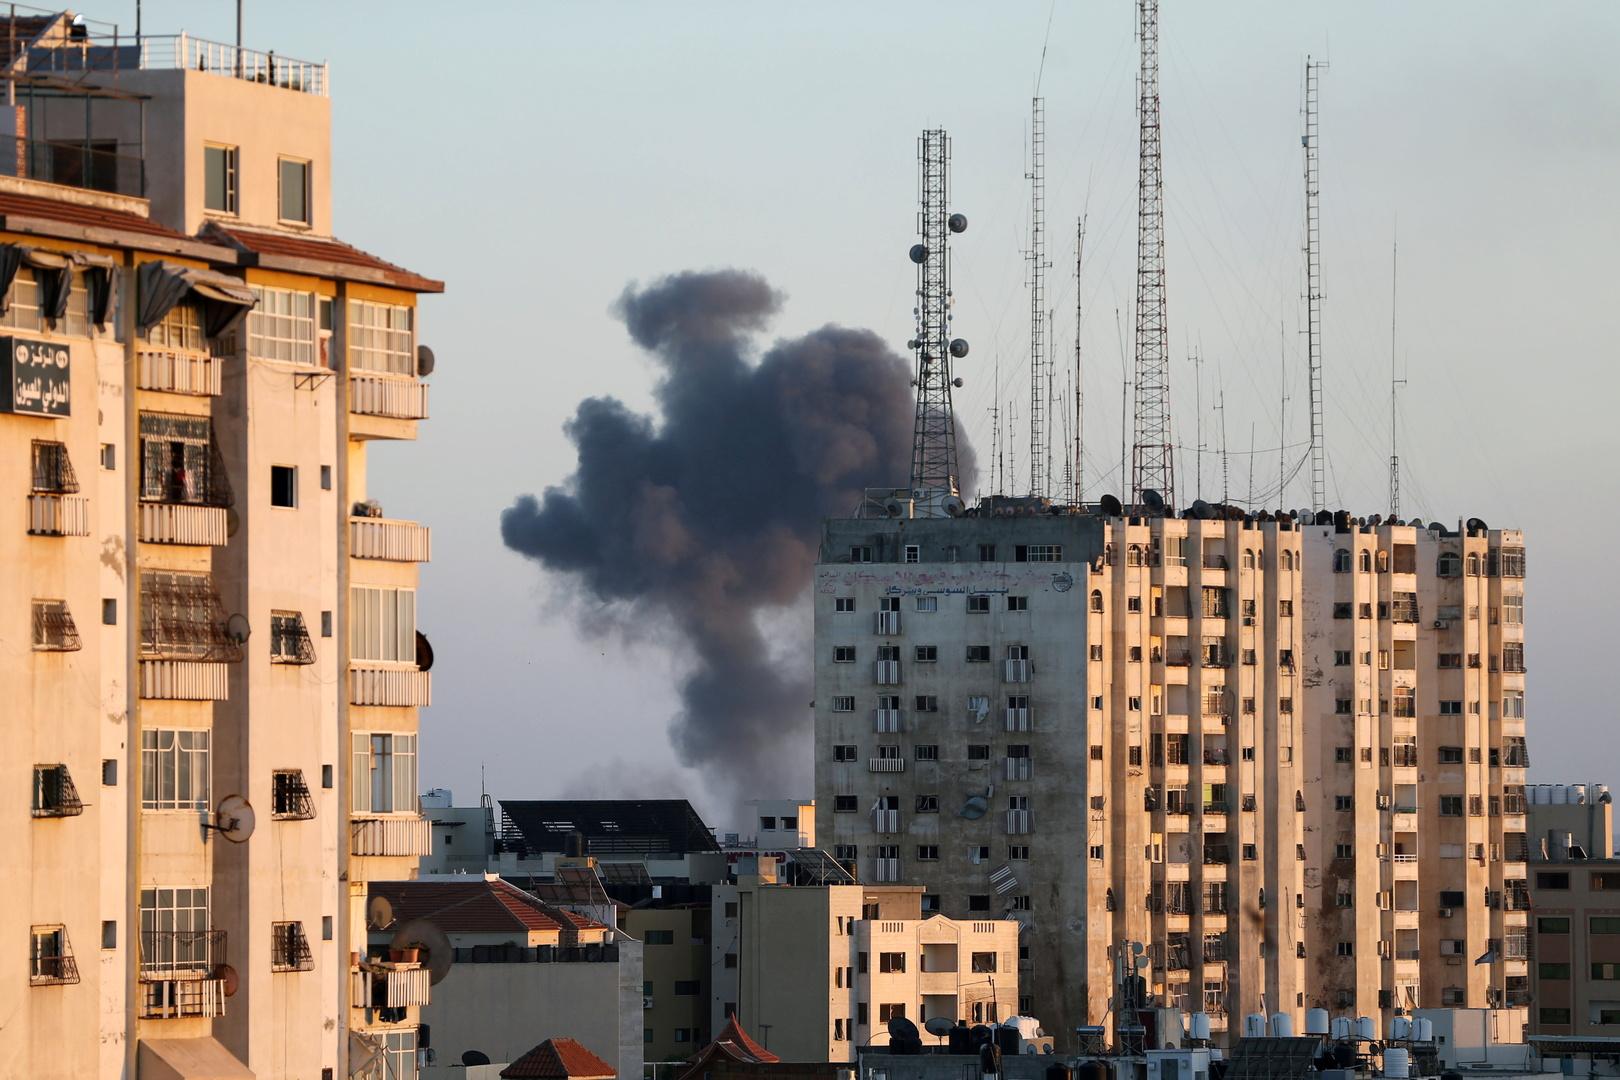 غارات إسرائيلية في قطاع غزة